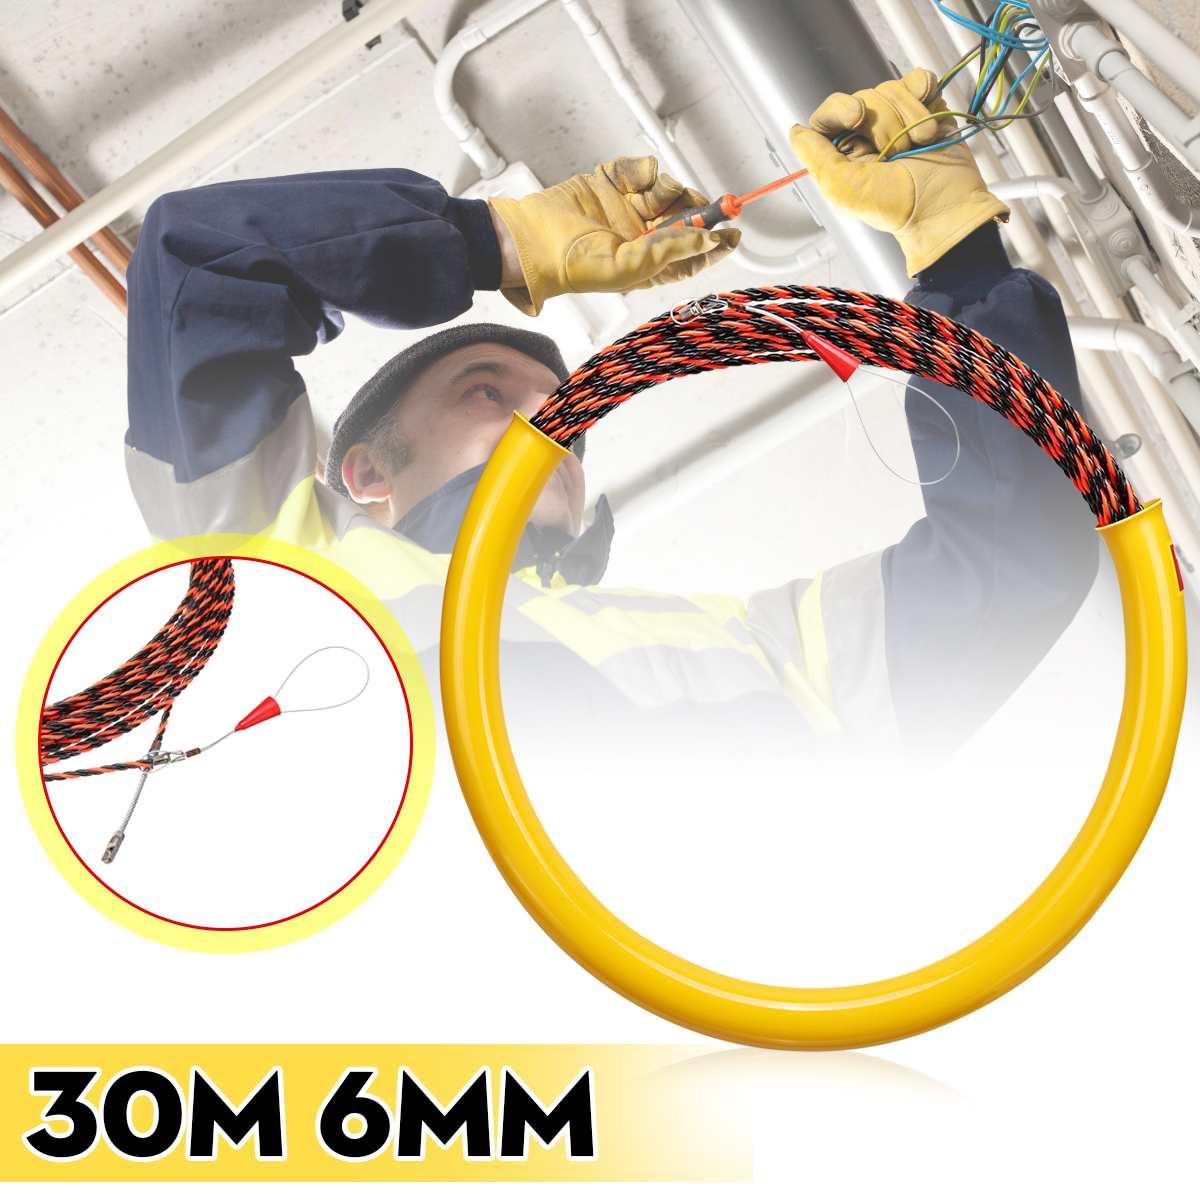 جهاز توجيه مستخرج الكابلات ، كابل كهربائي من الألياف الزجاجية والنايلون ، 30 مترًا ، 6 مللي متر ، 650 كجم